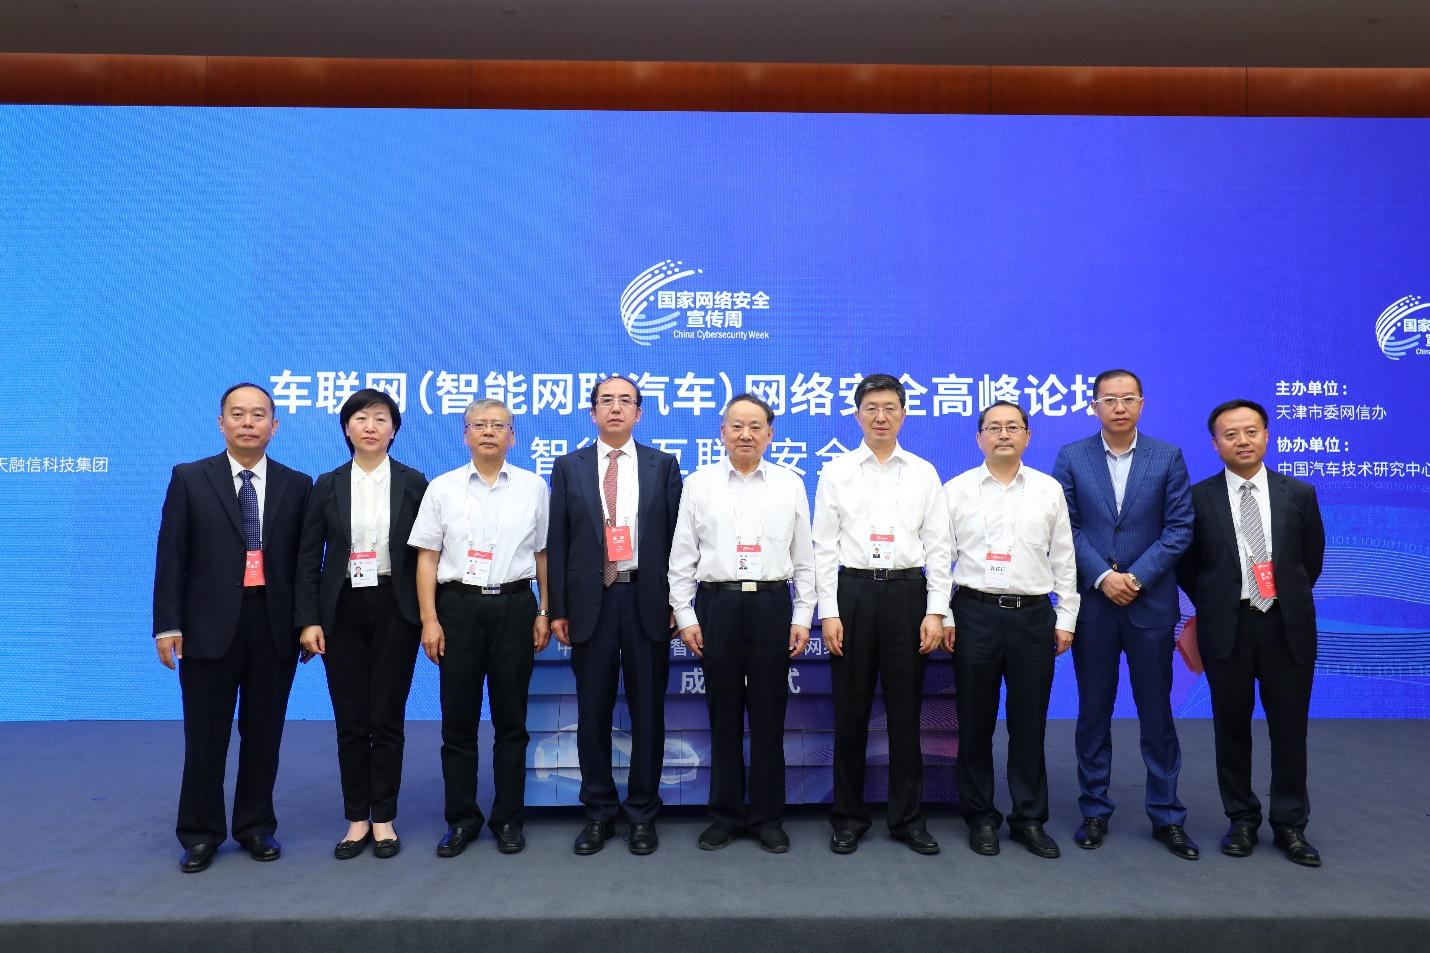 中国车联网(智能网联汽车)网络信任联盟发布仪式在国家网络安全宣传周高峰论坛正式举行